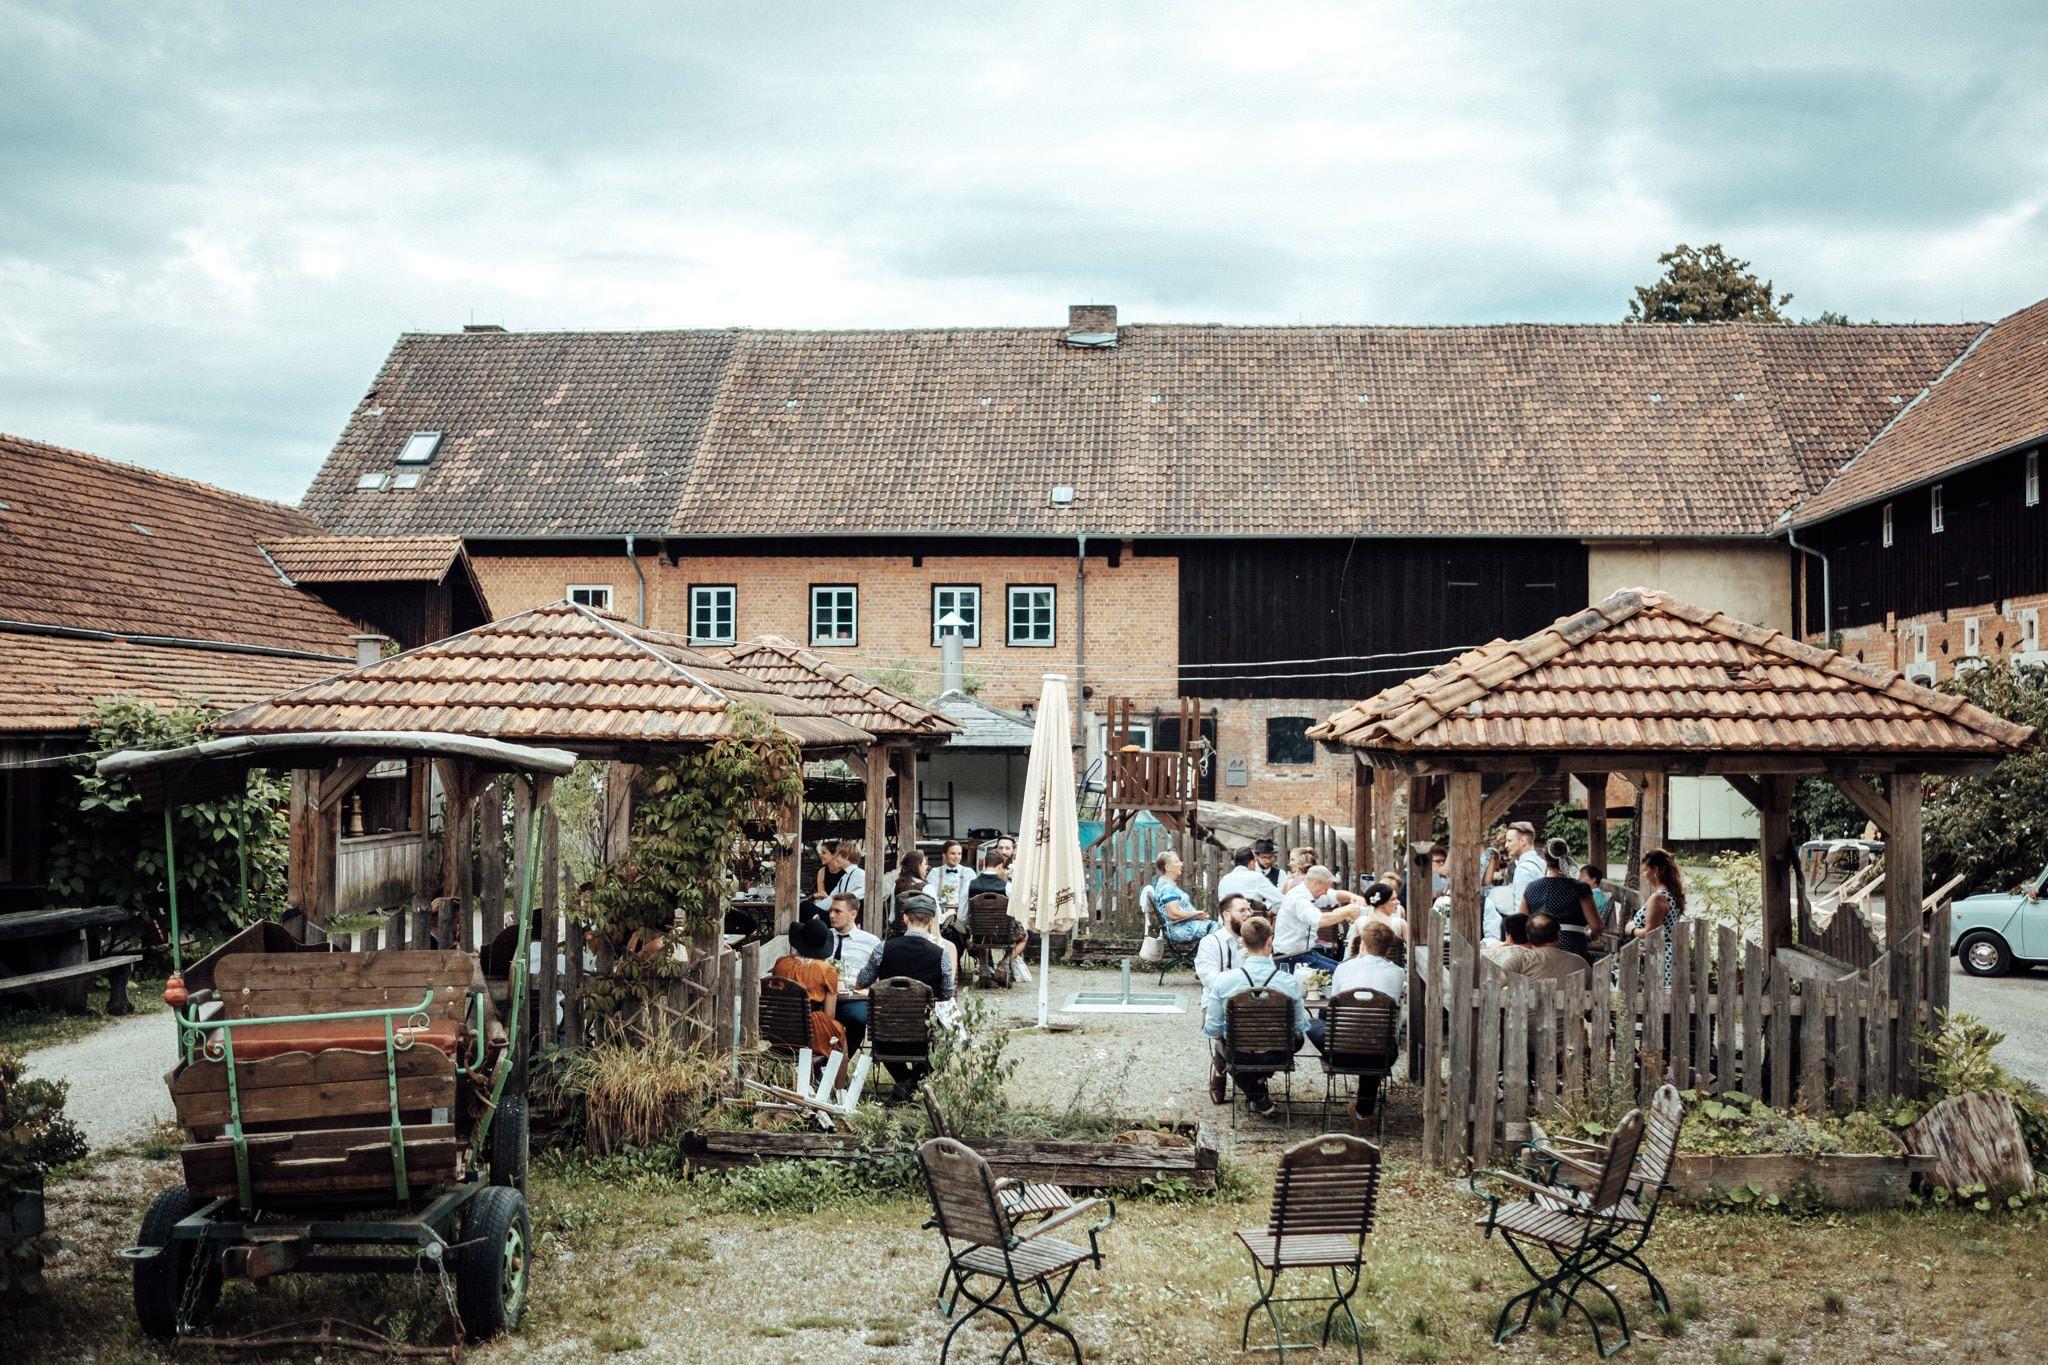 Top Hochzeitslocation Enrstfarm In Oberfranken Hochzeitsort Ernstfarm Coburg Do It Yourself Hochzeitsdek Hochzeitslocation Hochzeitsfotos Hochzeitsfotograf